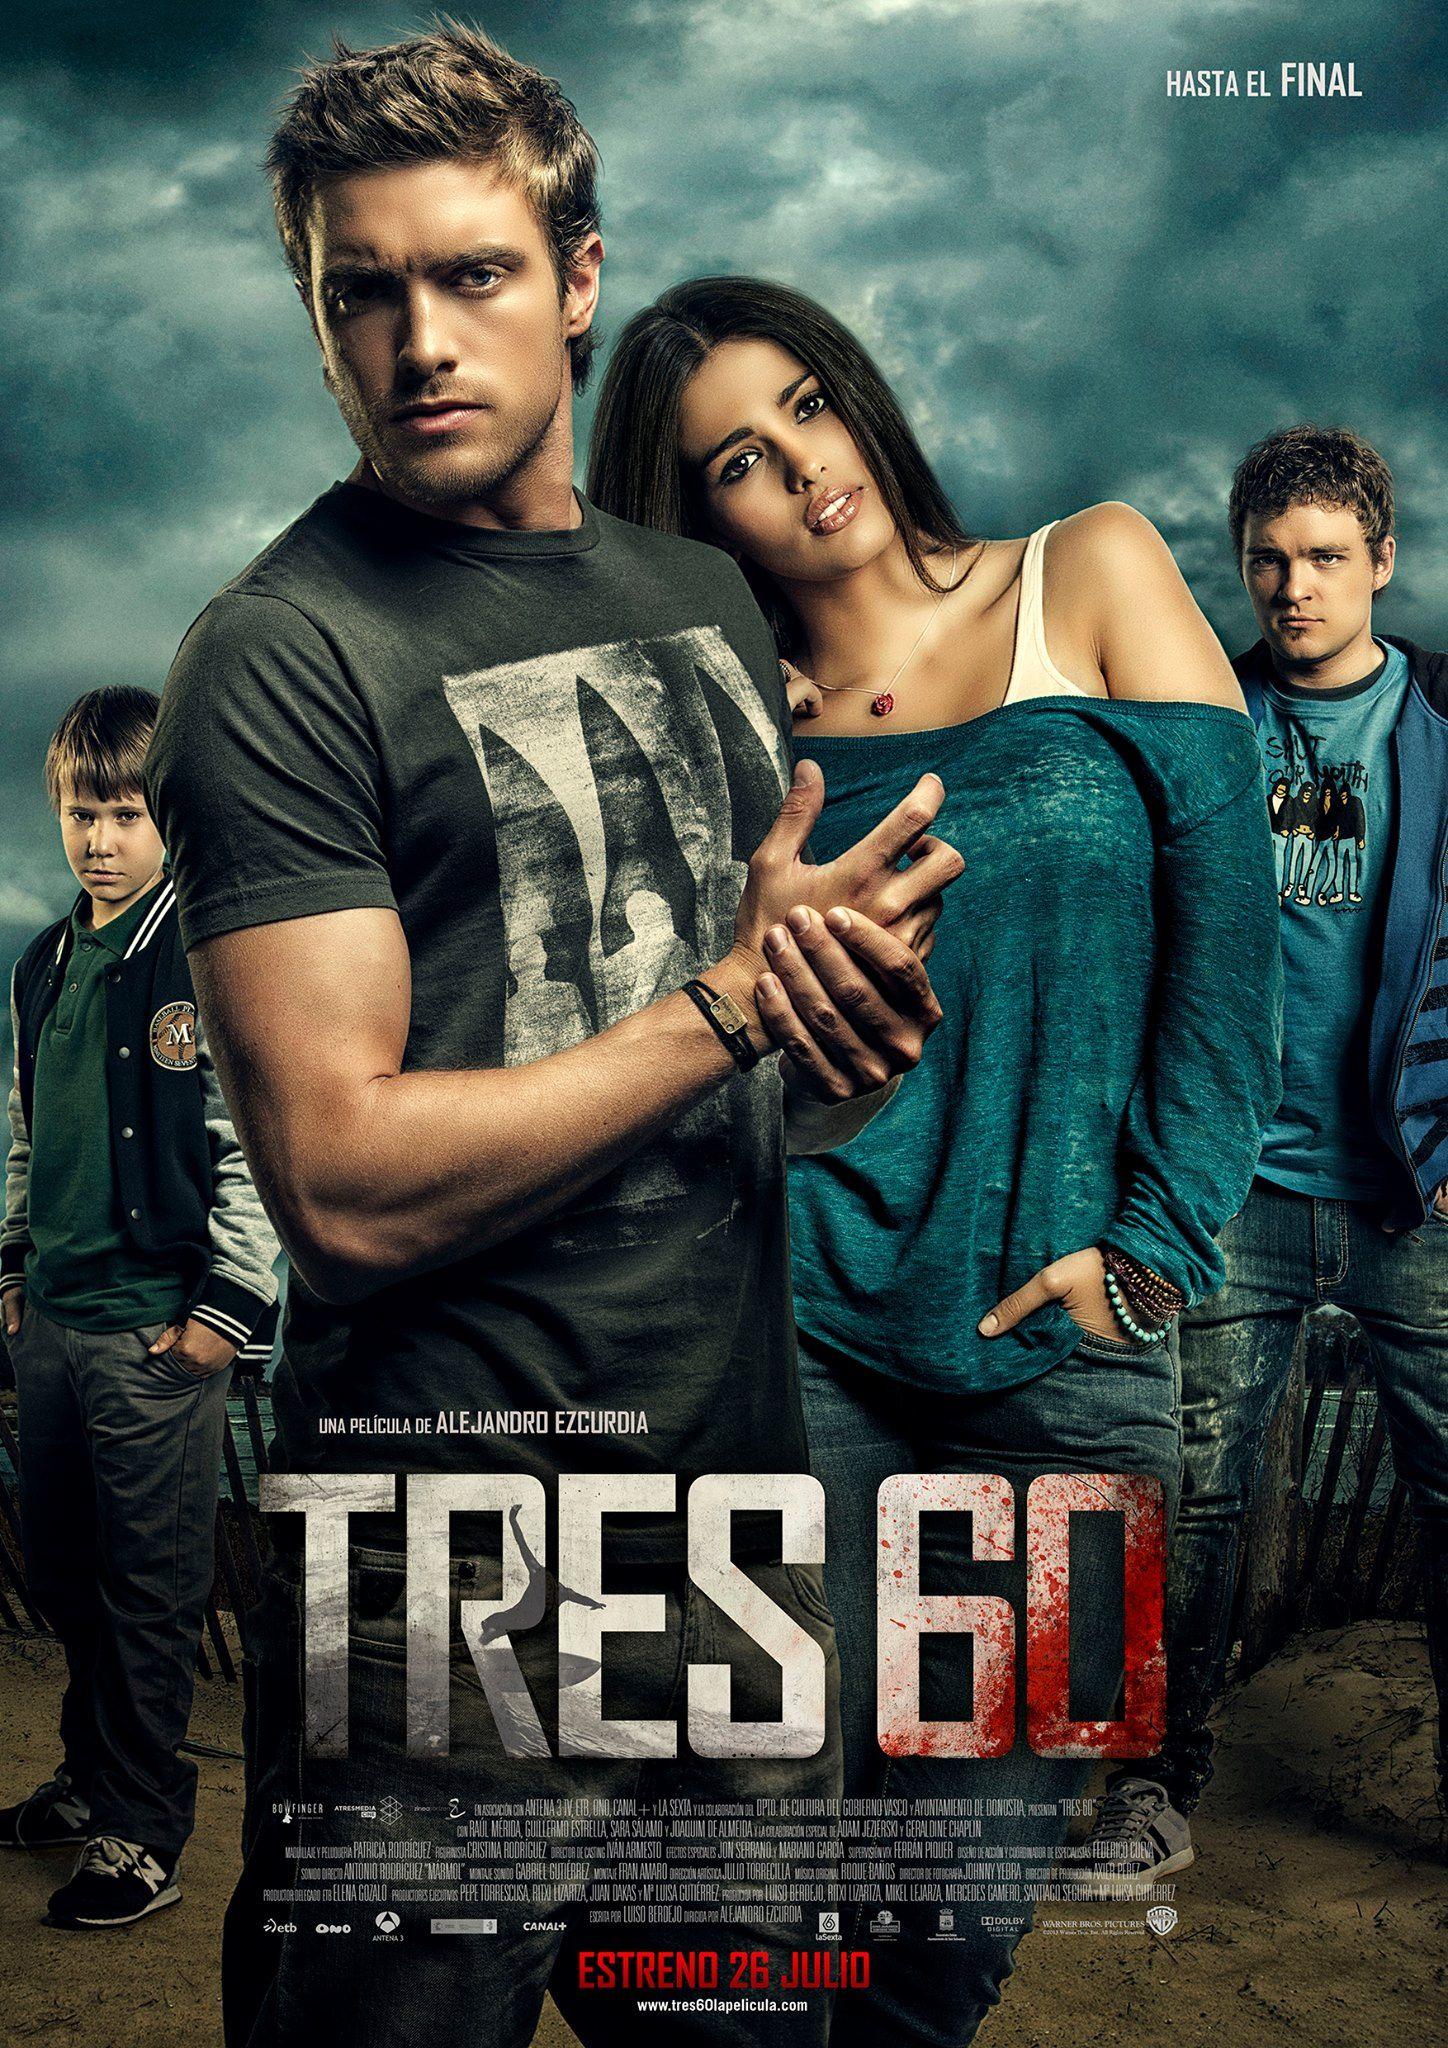 Tres60 Peliculas En Cartelera Peliculas Audio Latino Online Cine